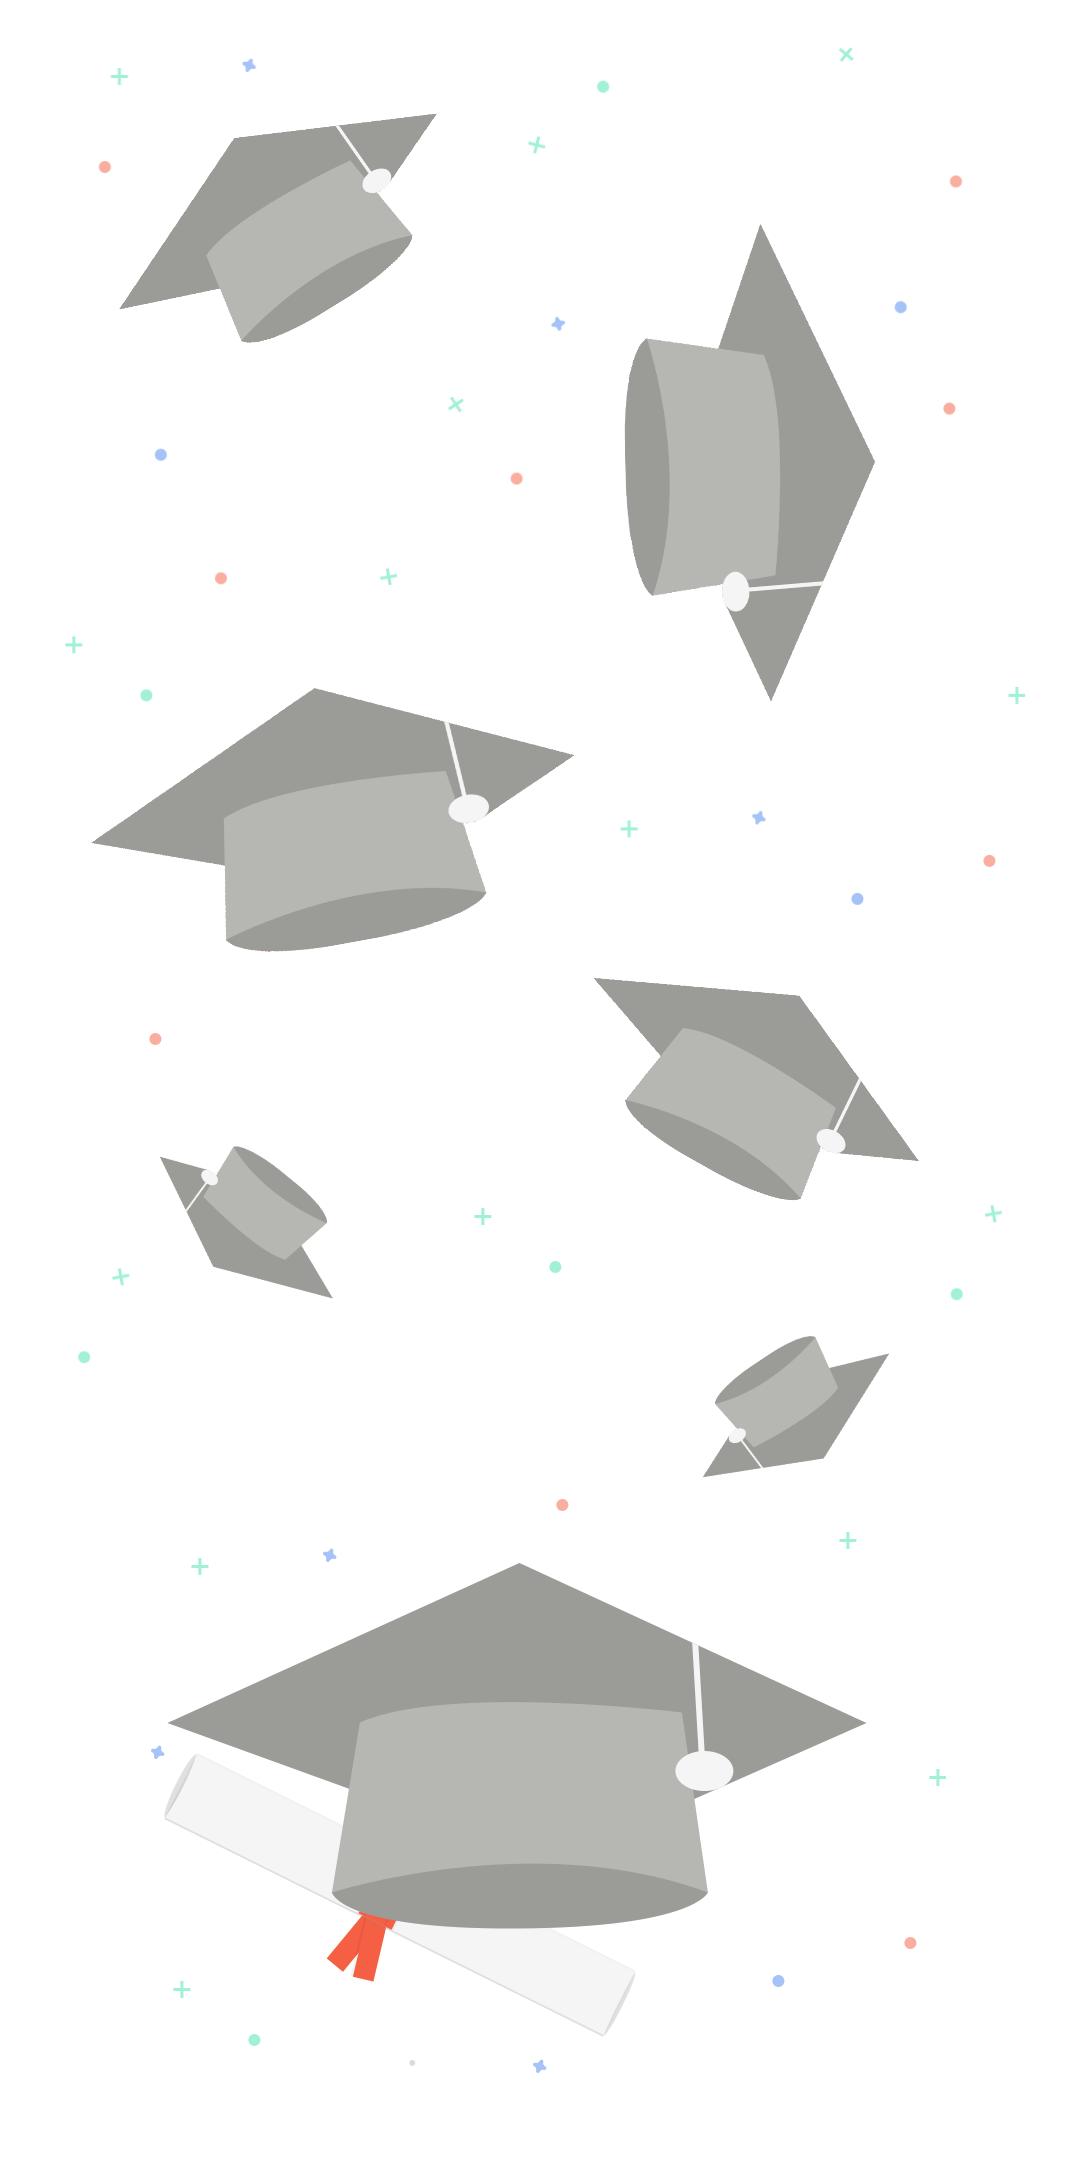 undraw_Graduation_ktn0 - Kopie